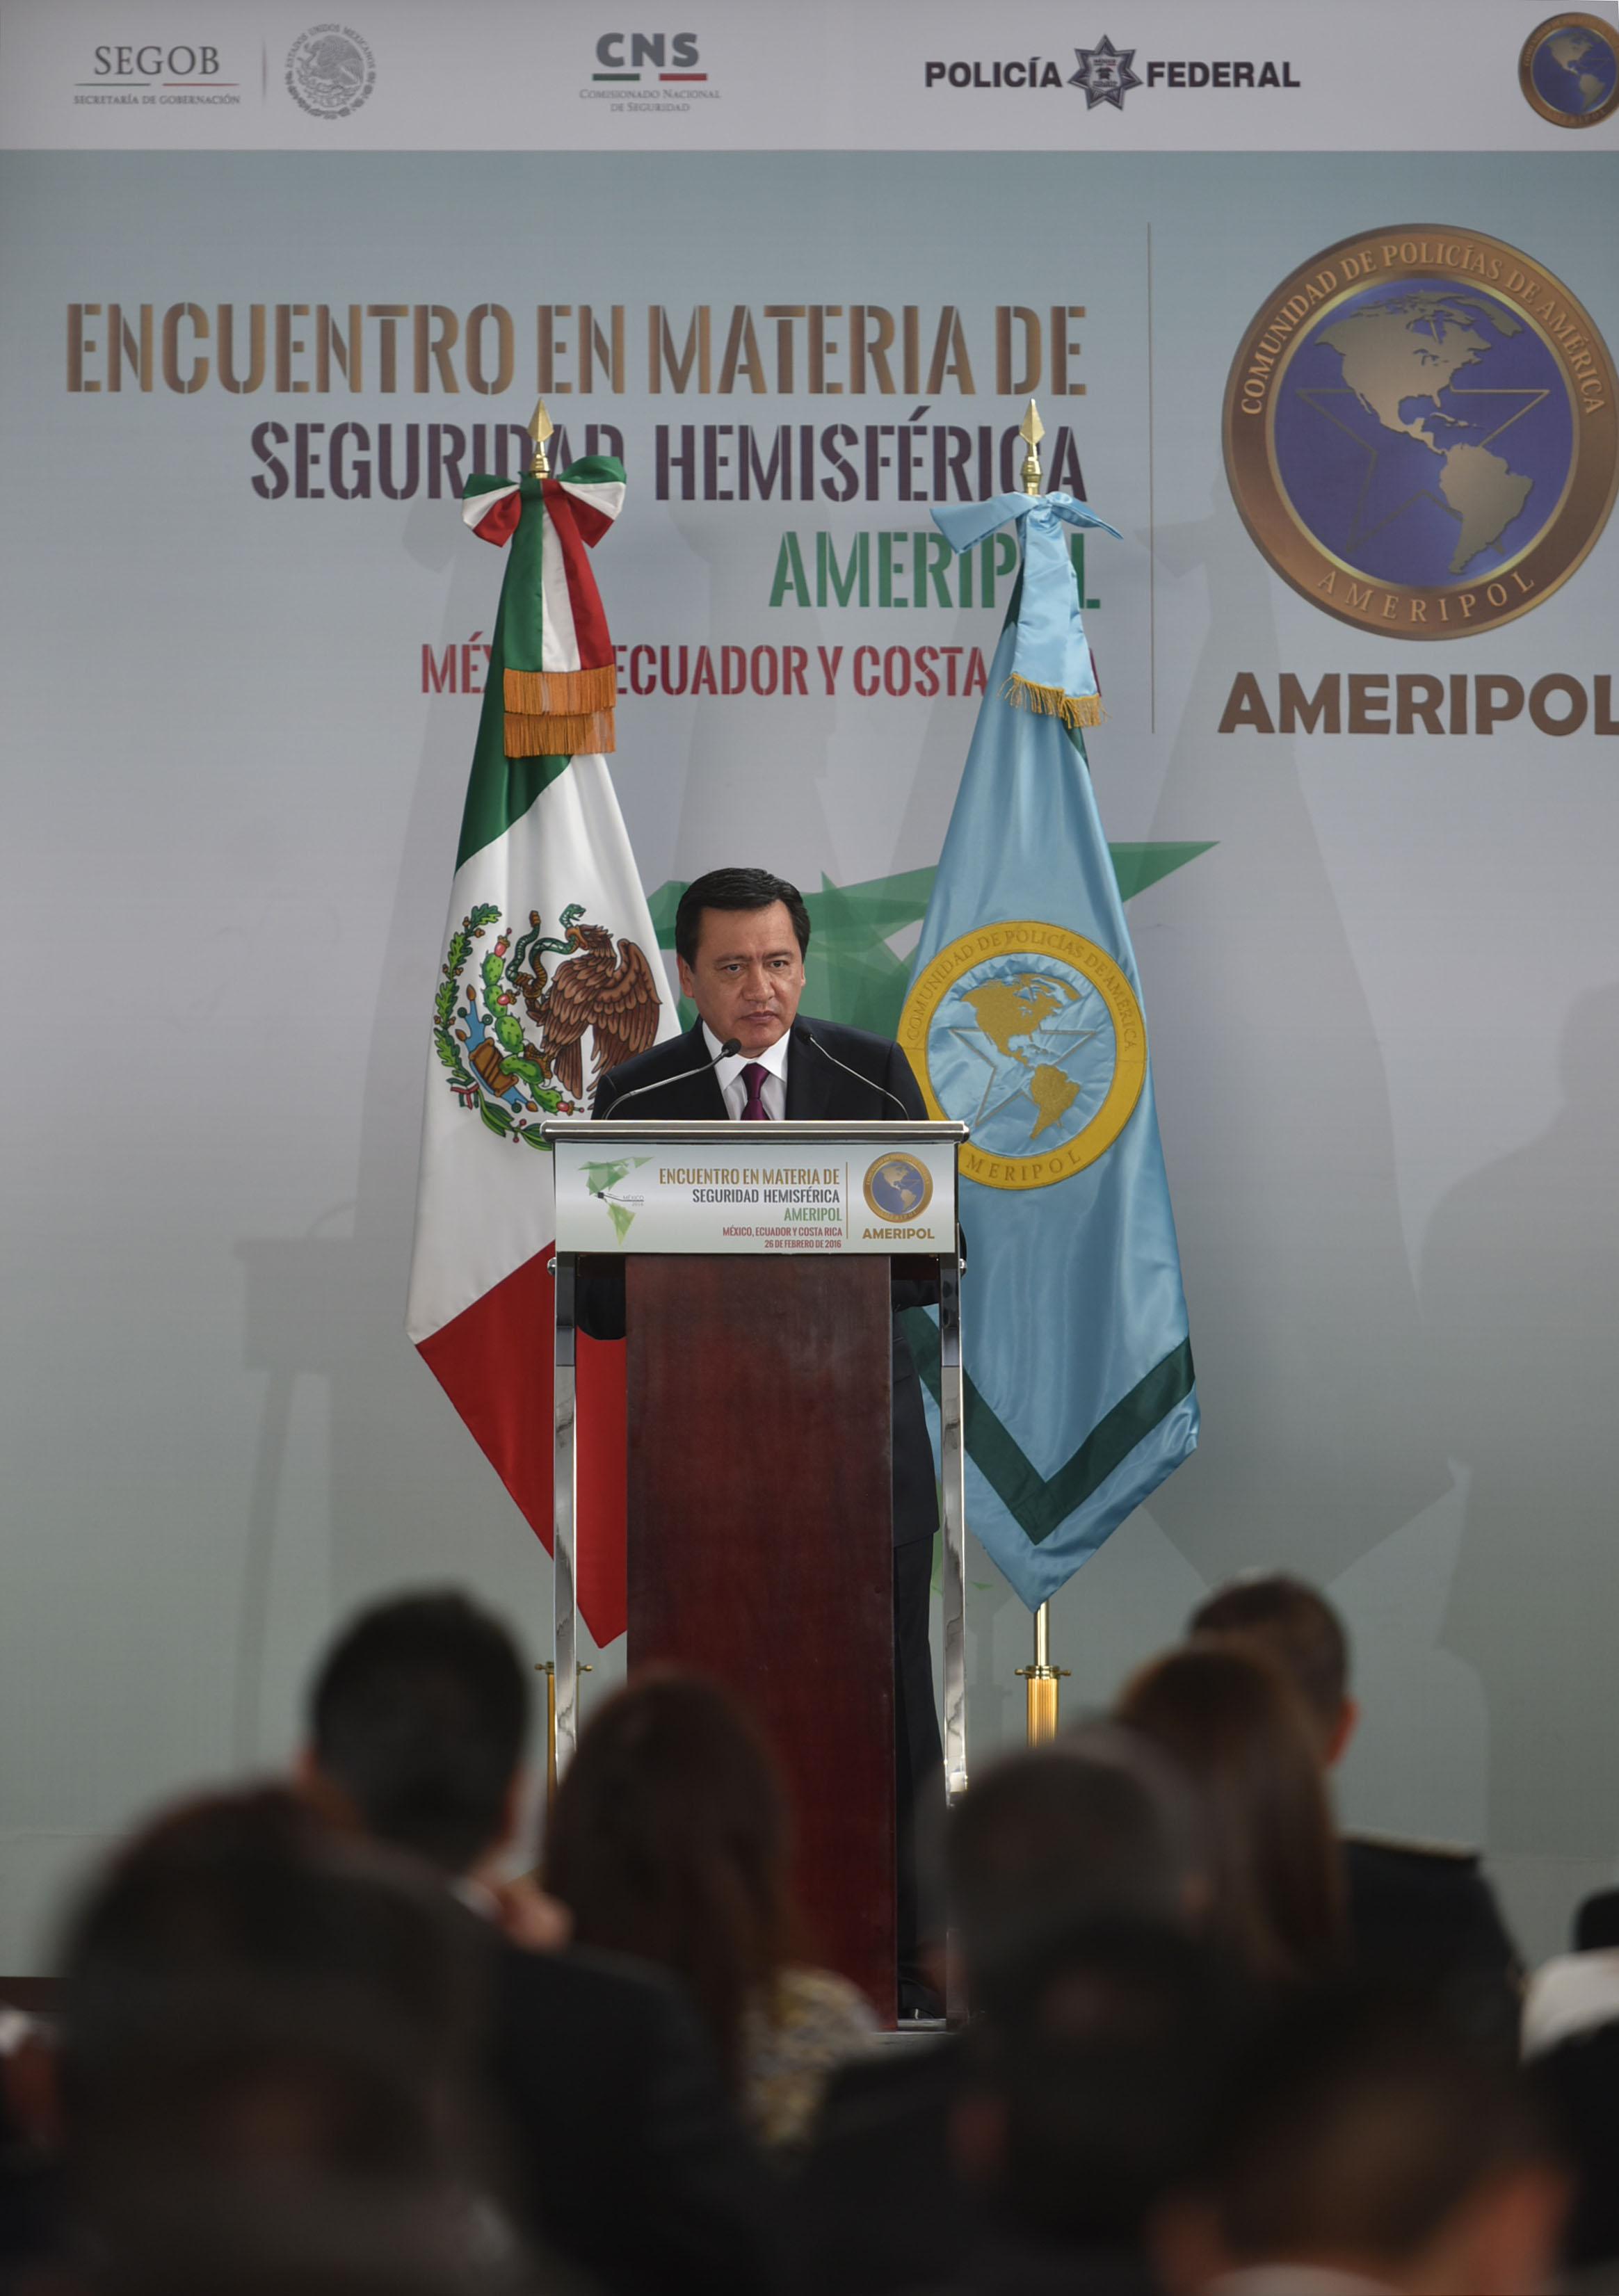 El Secretario de Gobernación, Miguel Ángel Osorio Chong, durante su participación en el Encuentro de Seguridad Hemisférica de la Comunidad de Policías de América